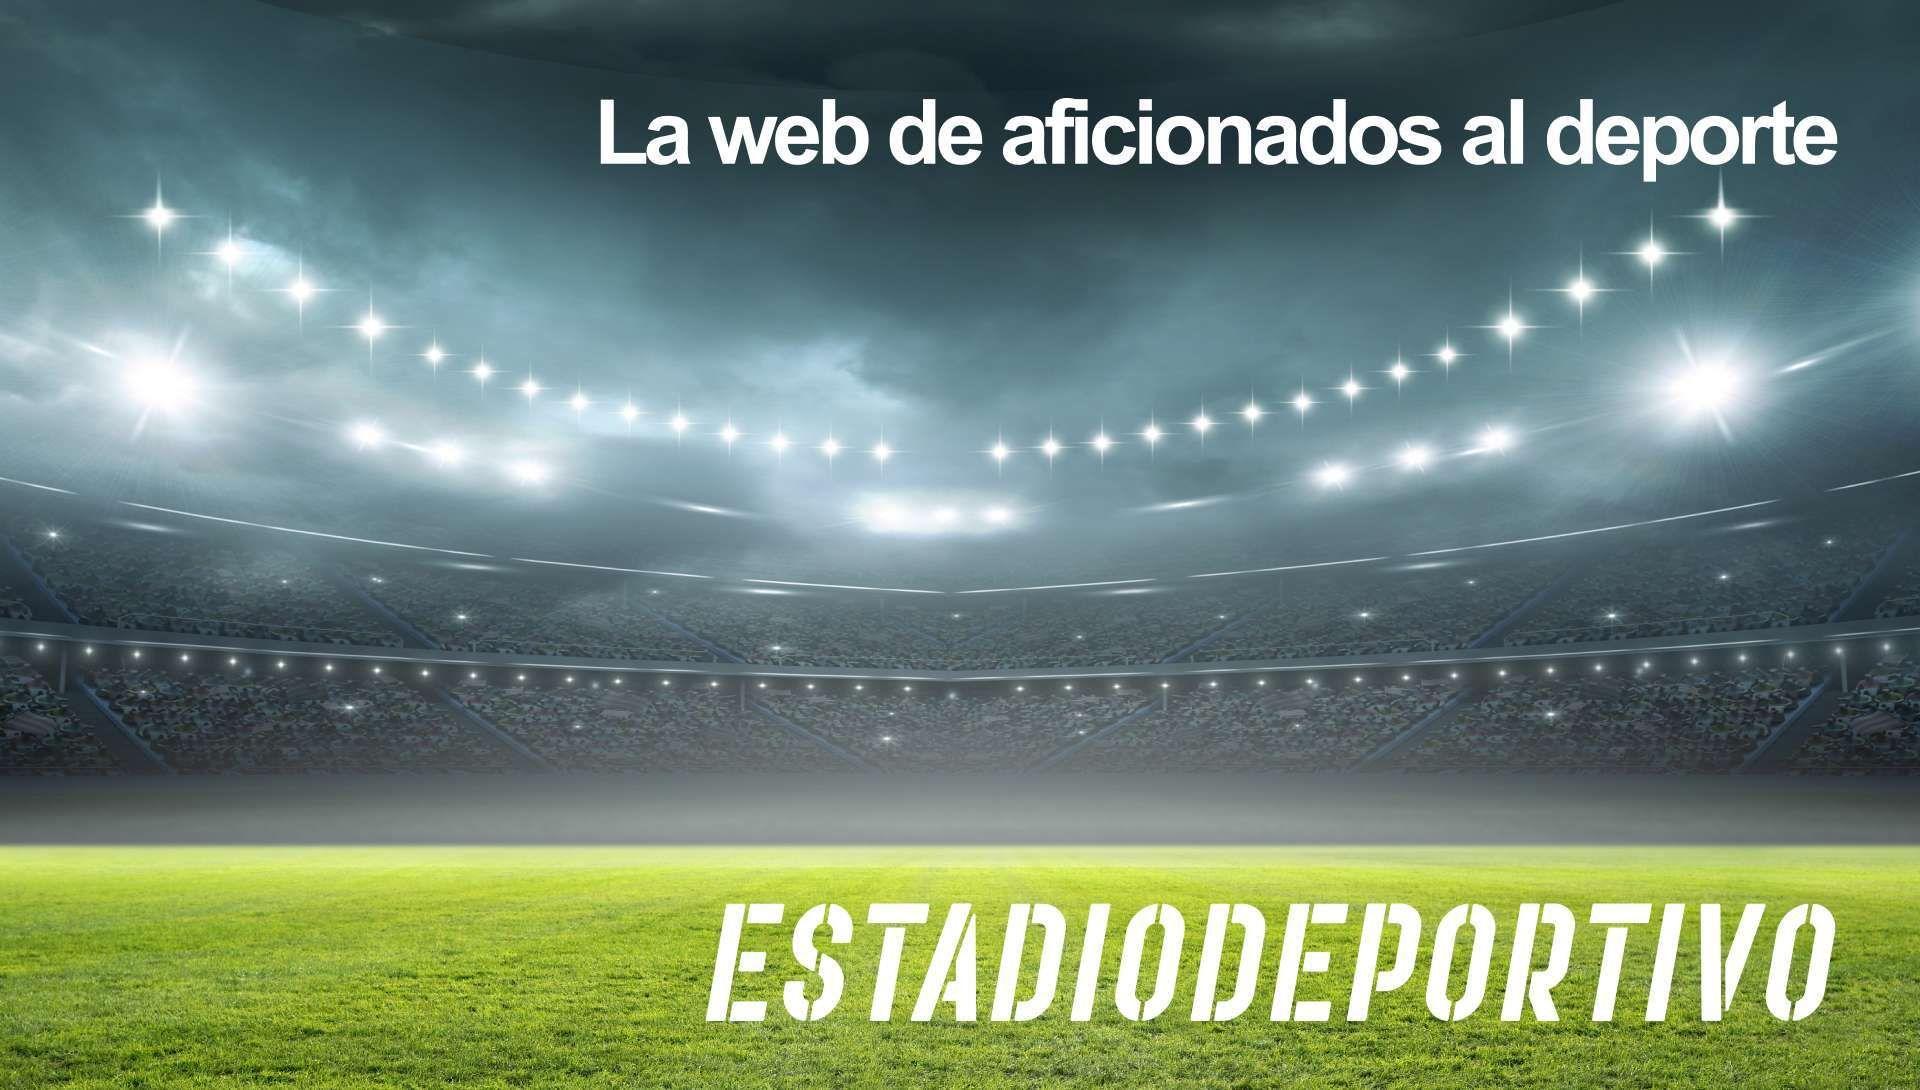 Las portadas deportivas del viernes 17 de septiembre